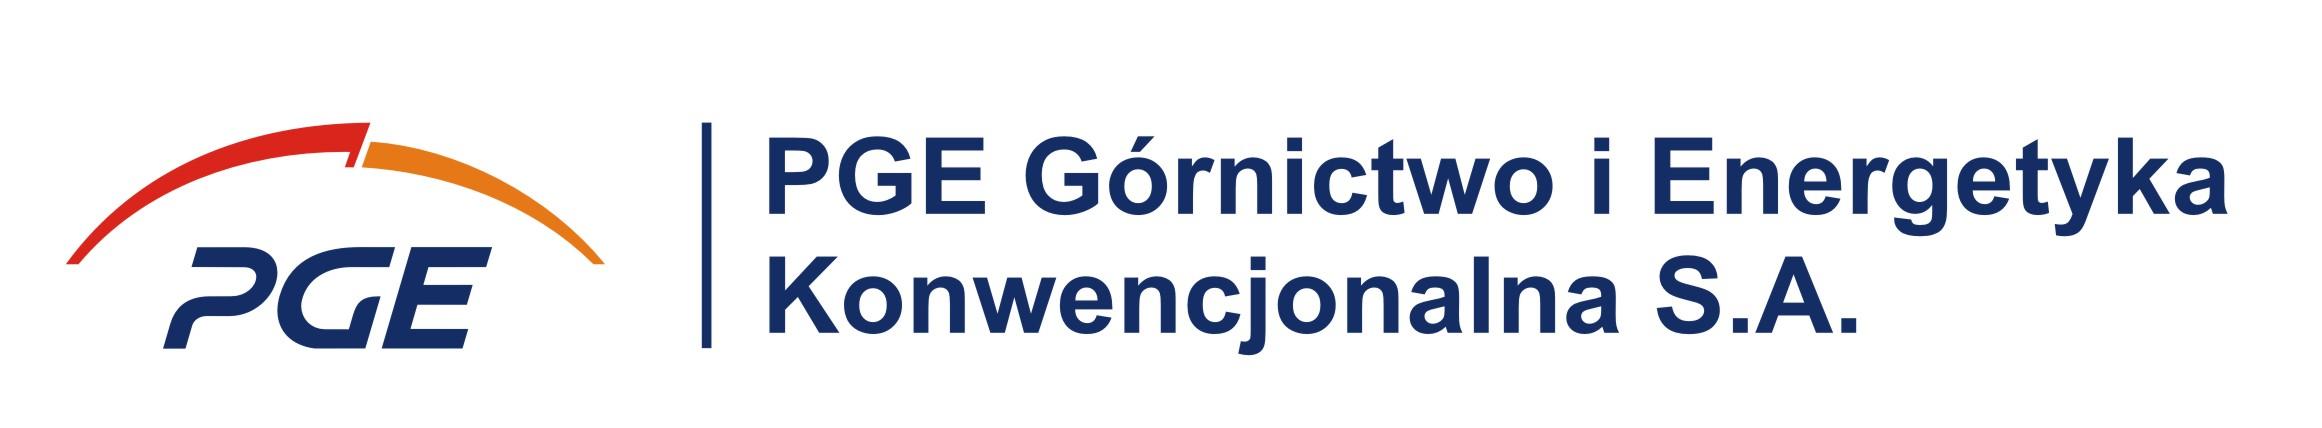 Sponsor Wydziału - PGE Górnictwo i Energetyka Konwencjonalna S.A.